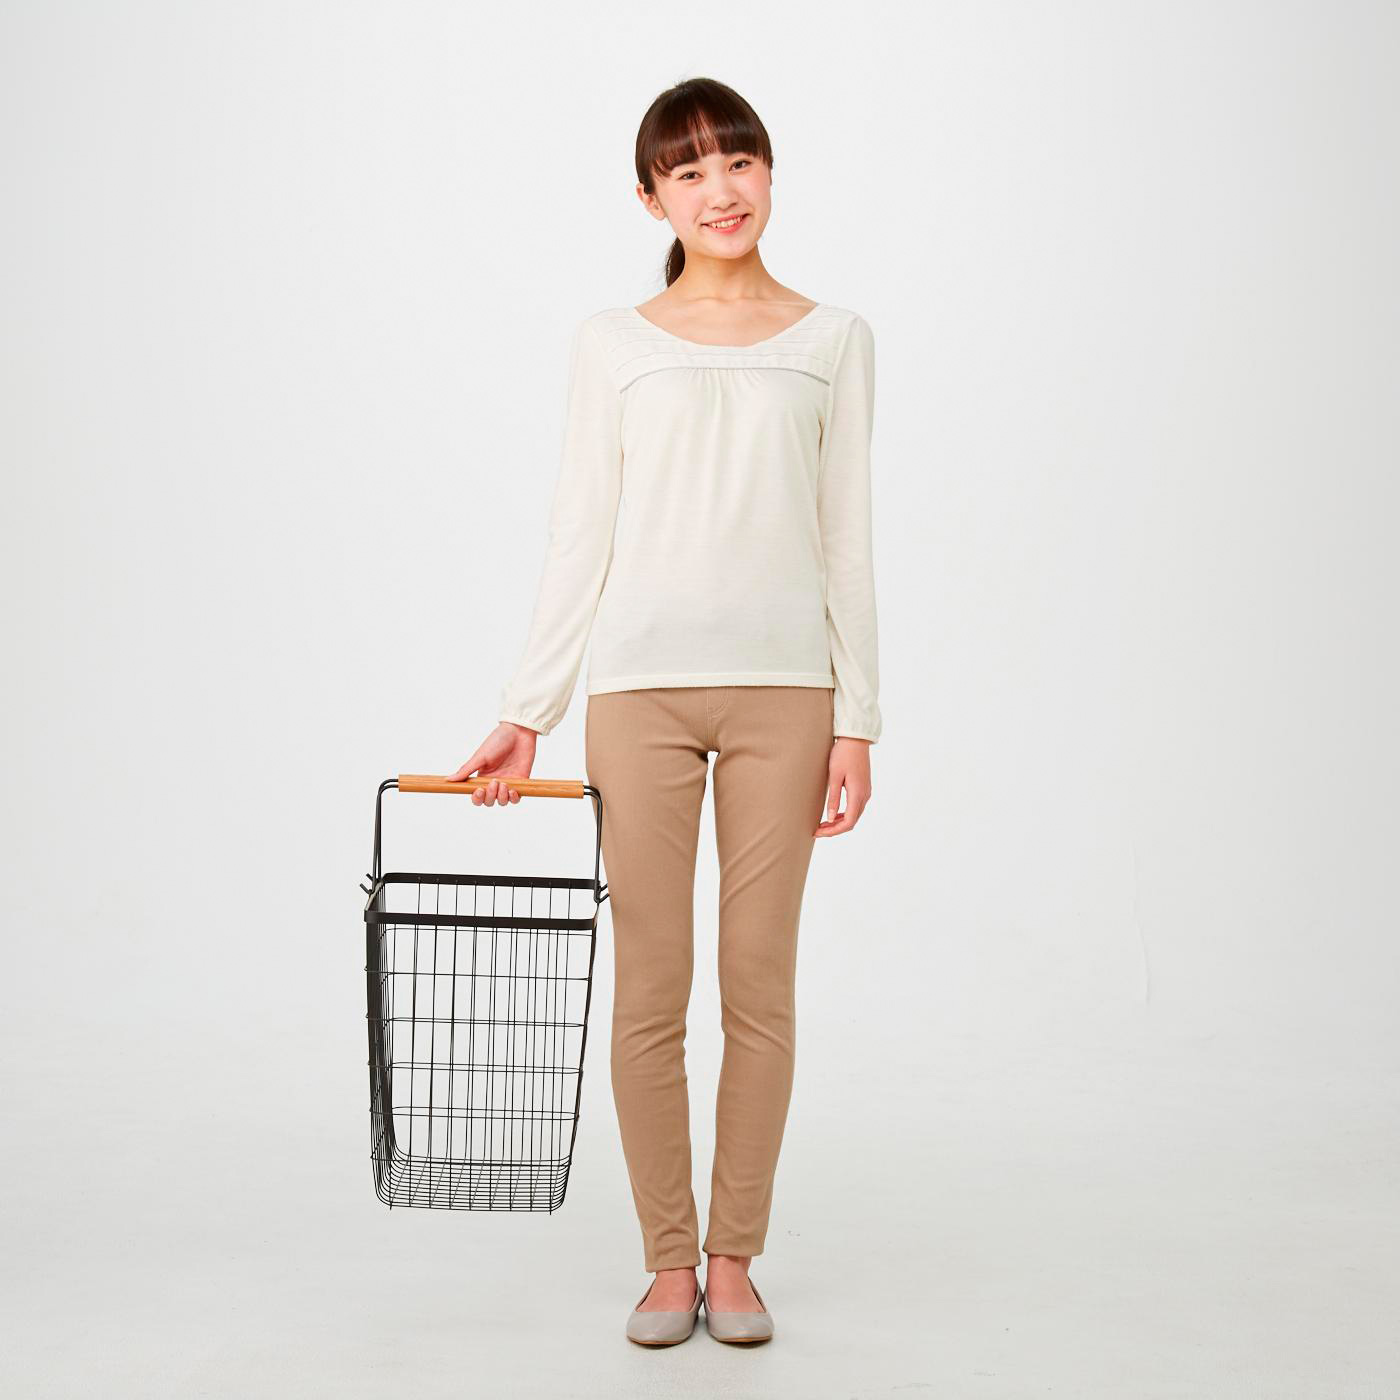 大容量サイズで、家族分の洗濯物に便利。3~4人分の洗濯物にちょうどいいサイズです。